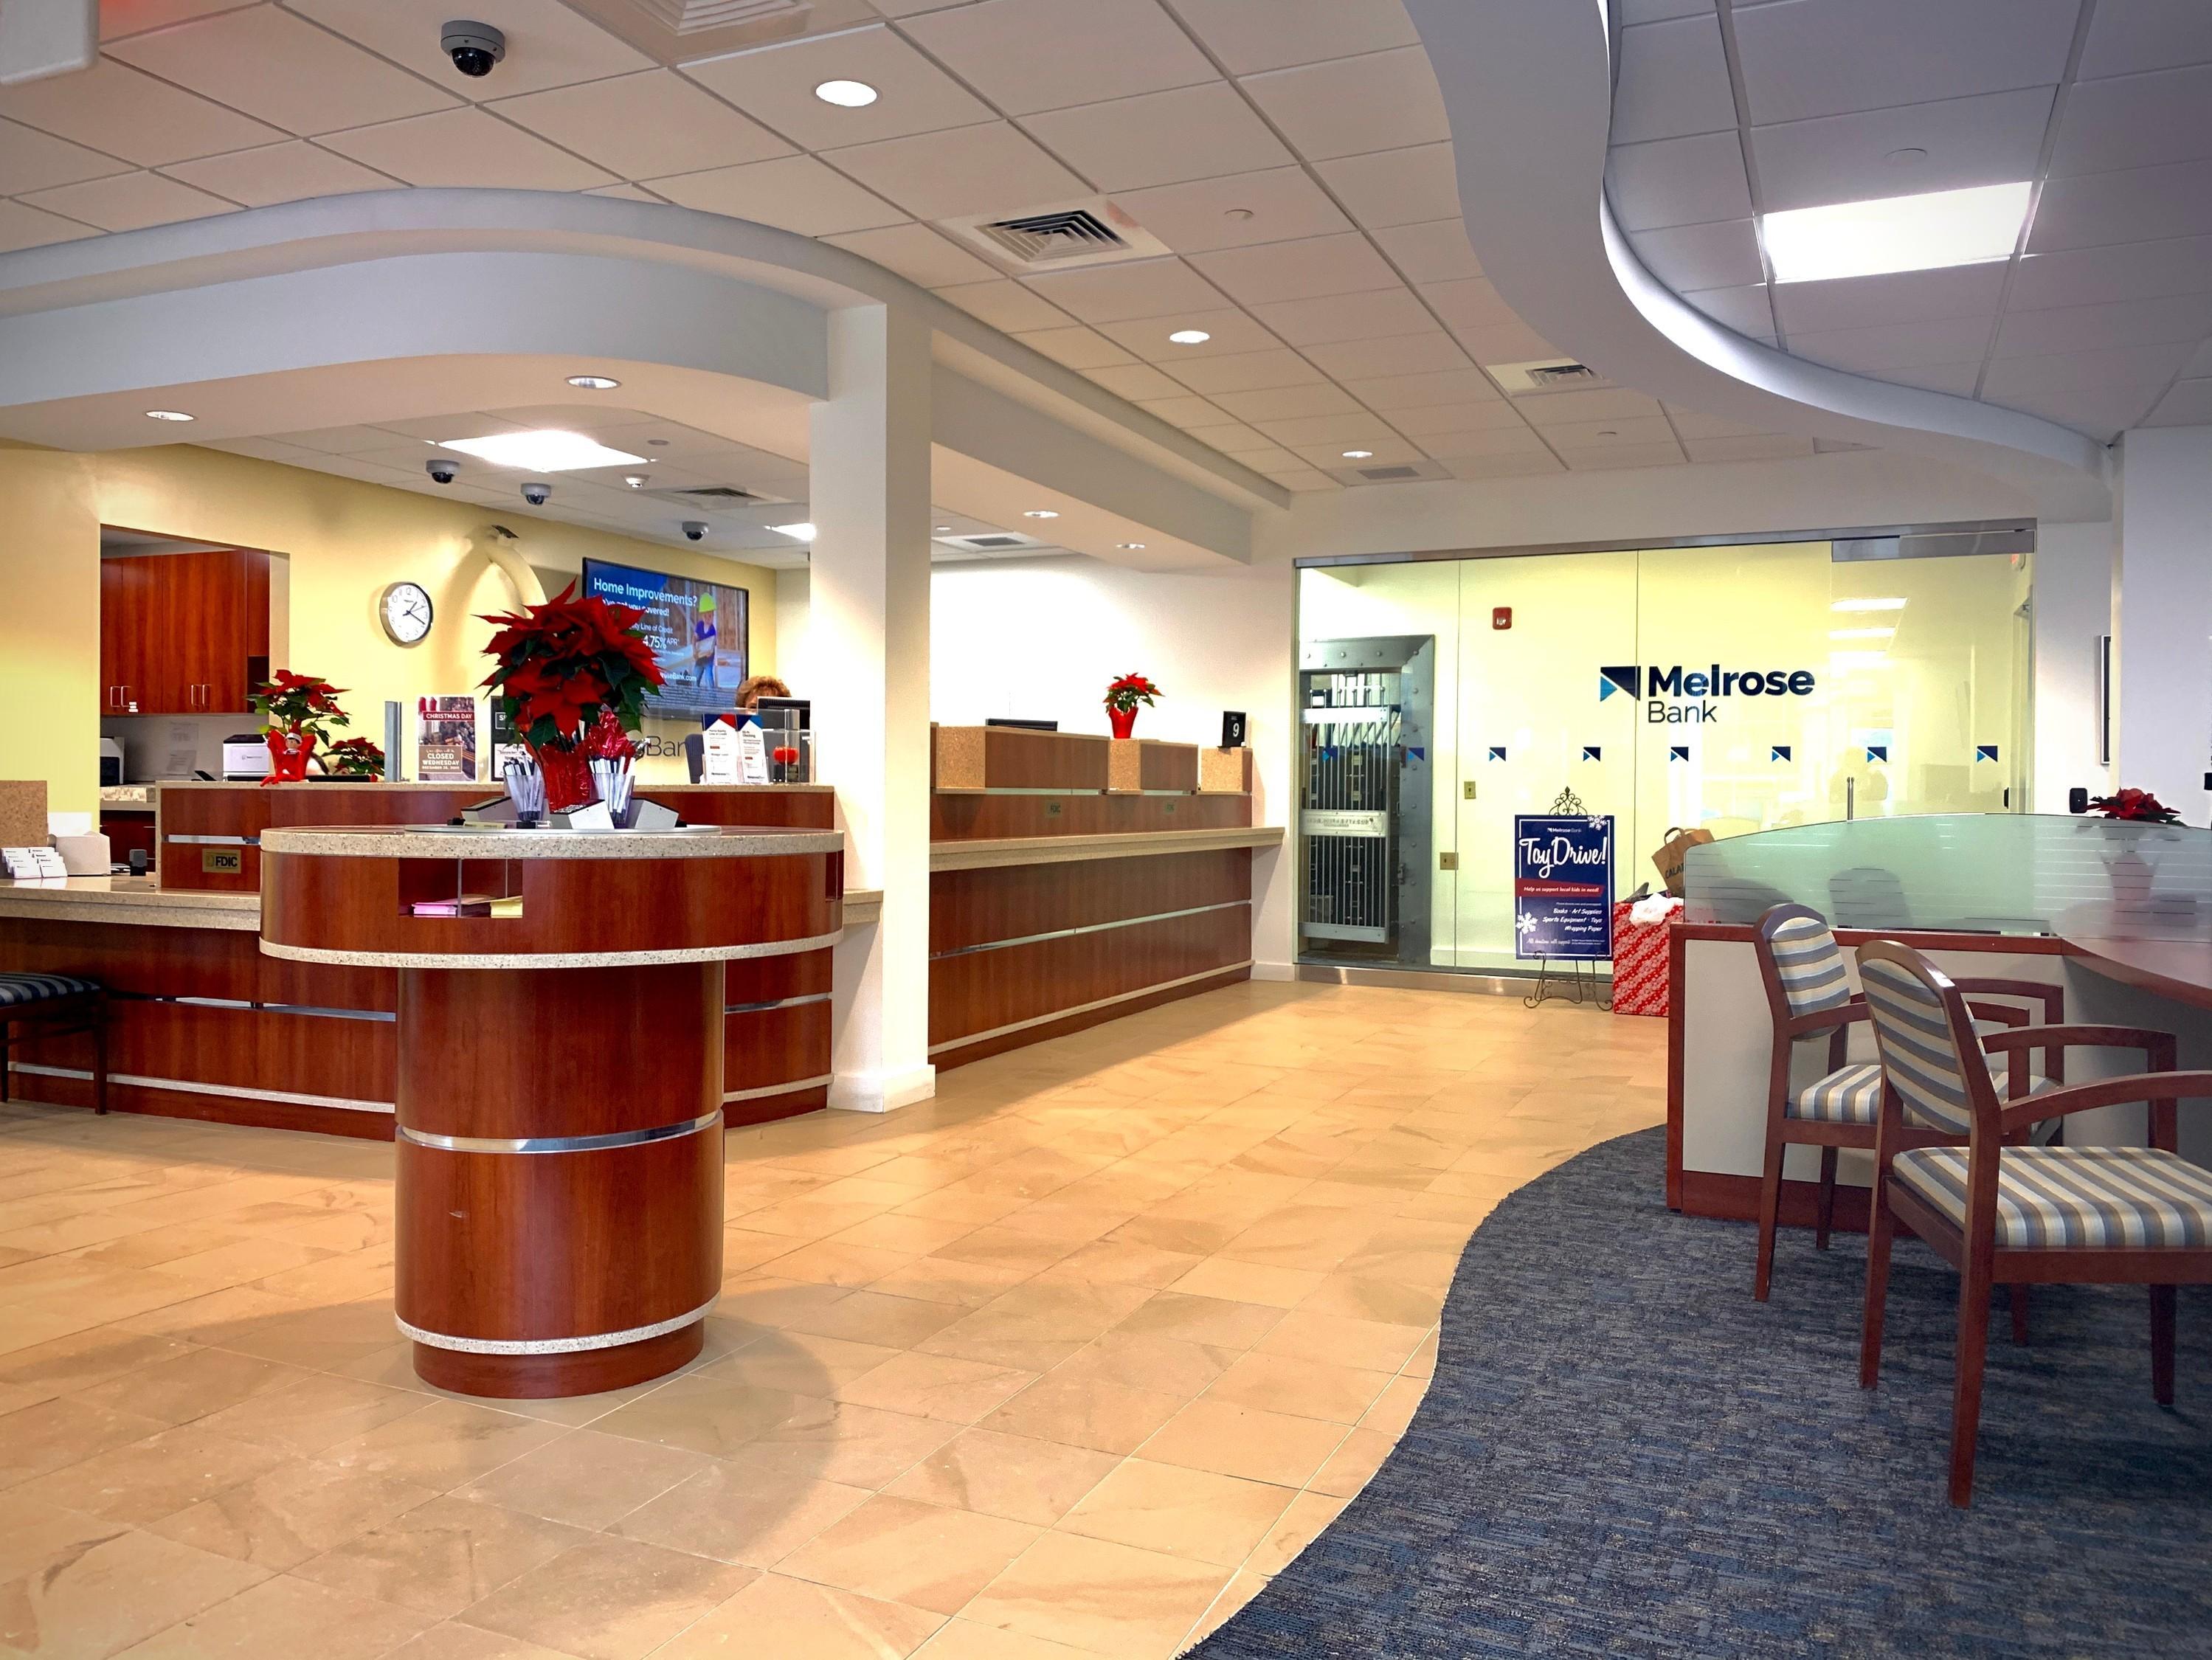 Melrose Bank inside